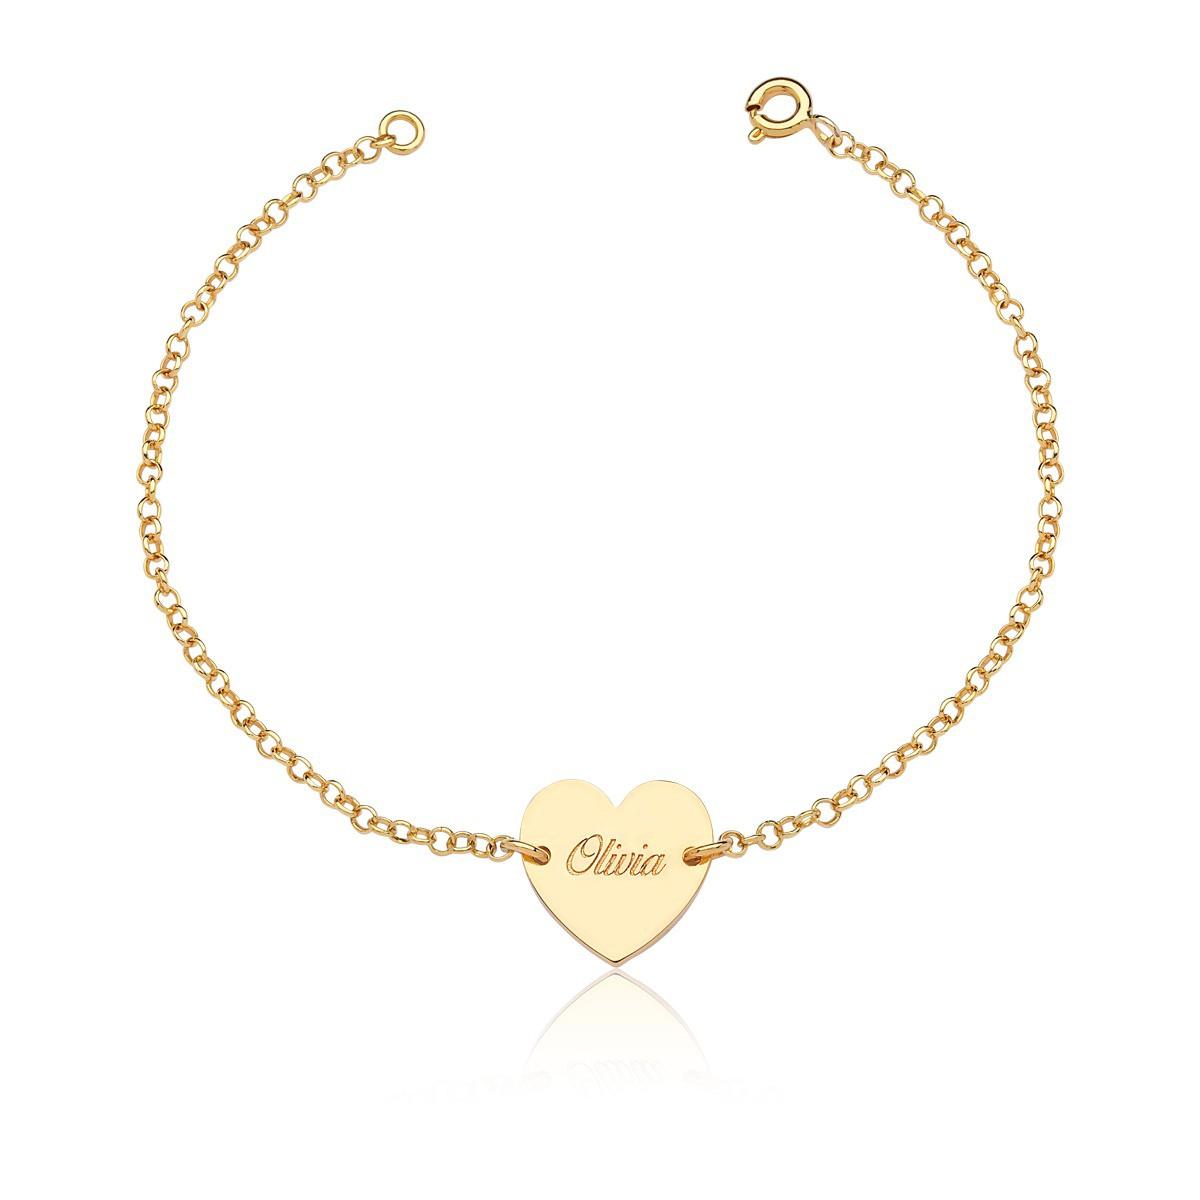 Kit com 10 Pulseiras Femininas Coração, banhadas a ouro 18k, com nomes gravados a laser